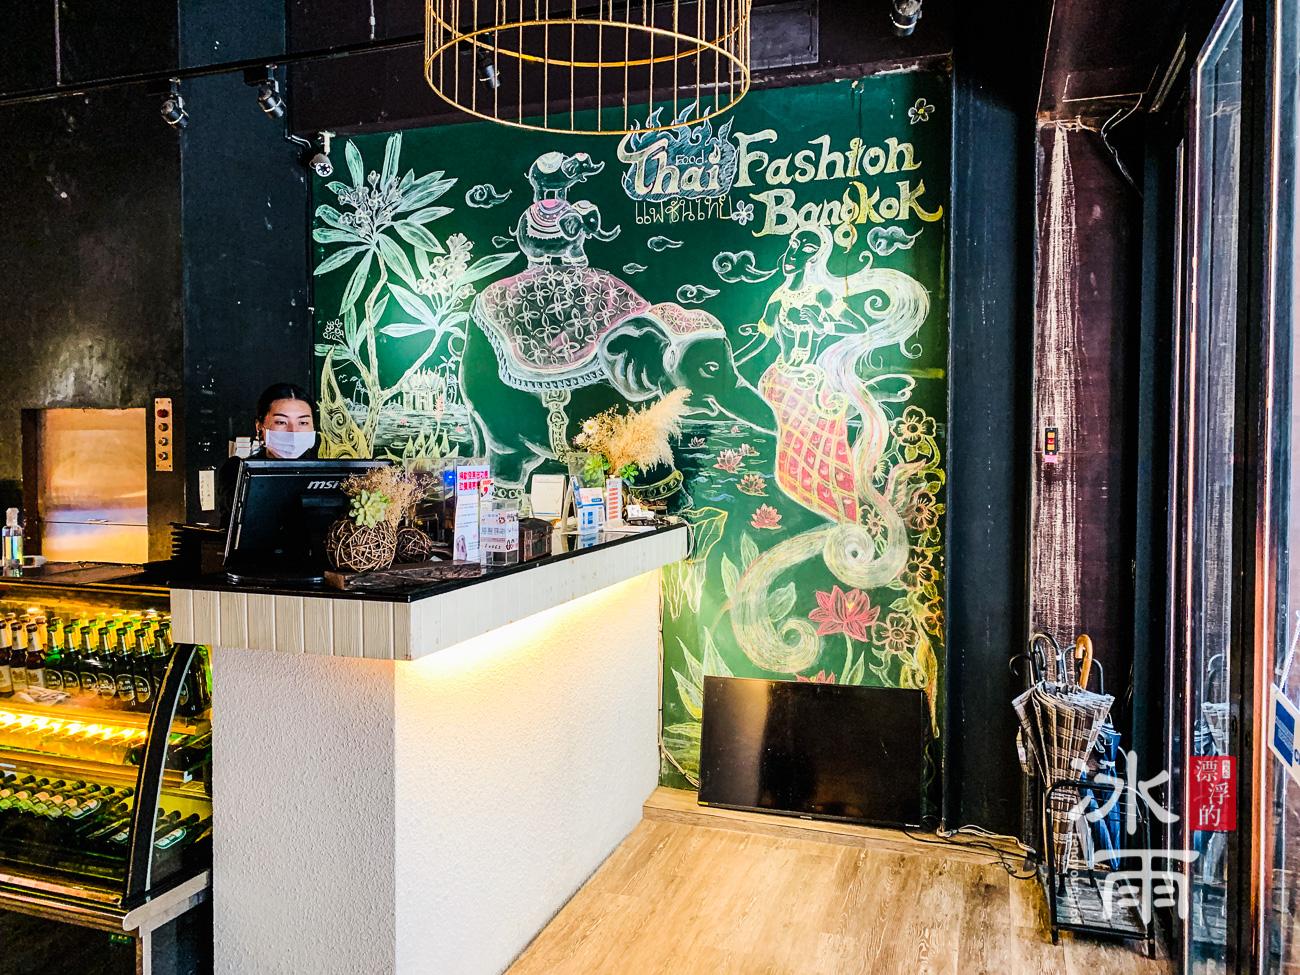 超有風格的手繪牆壁,色彩鮮豔像是真的到了東南亞